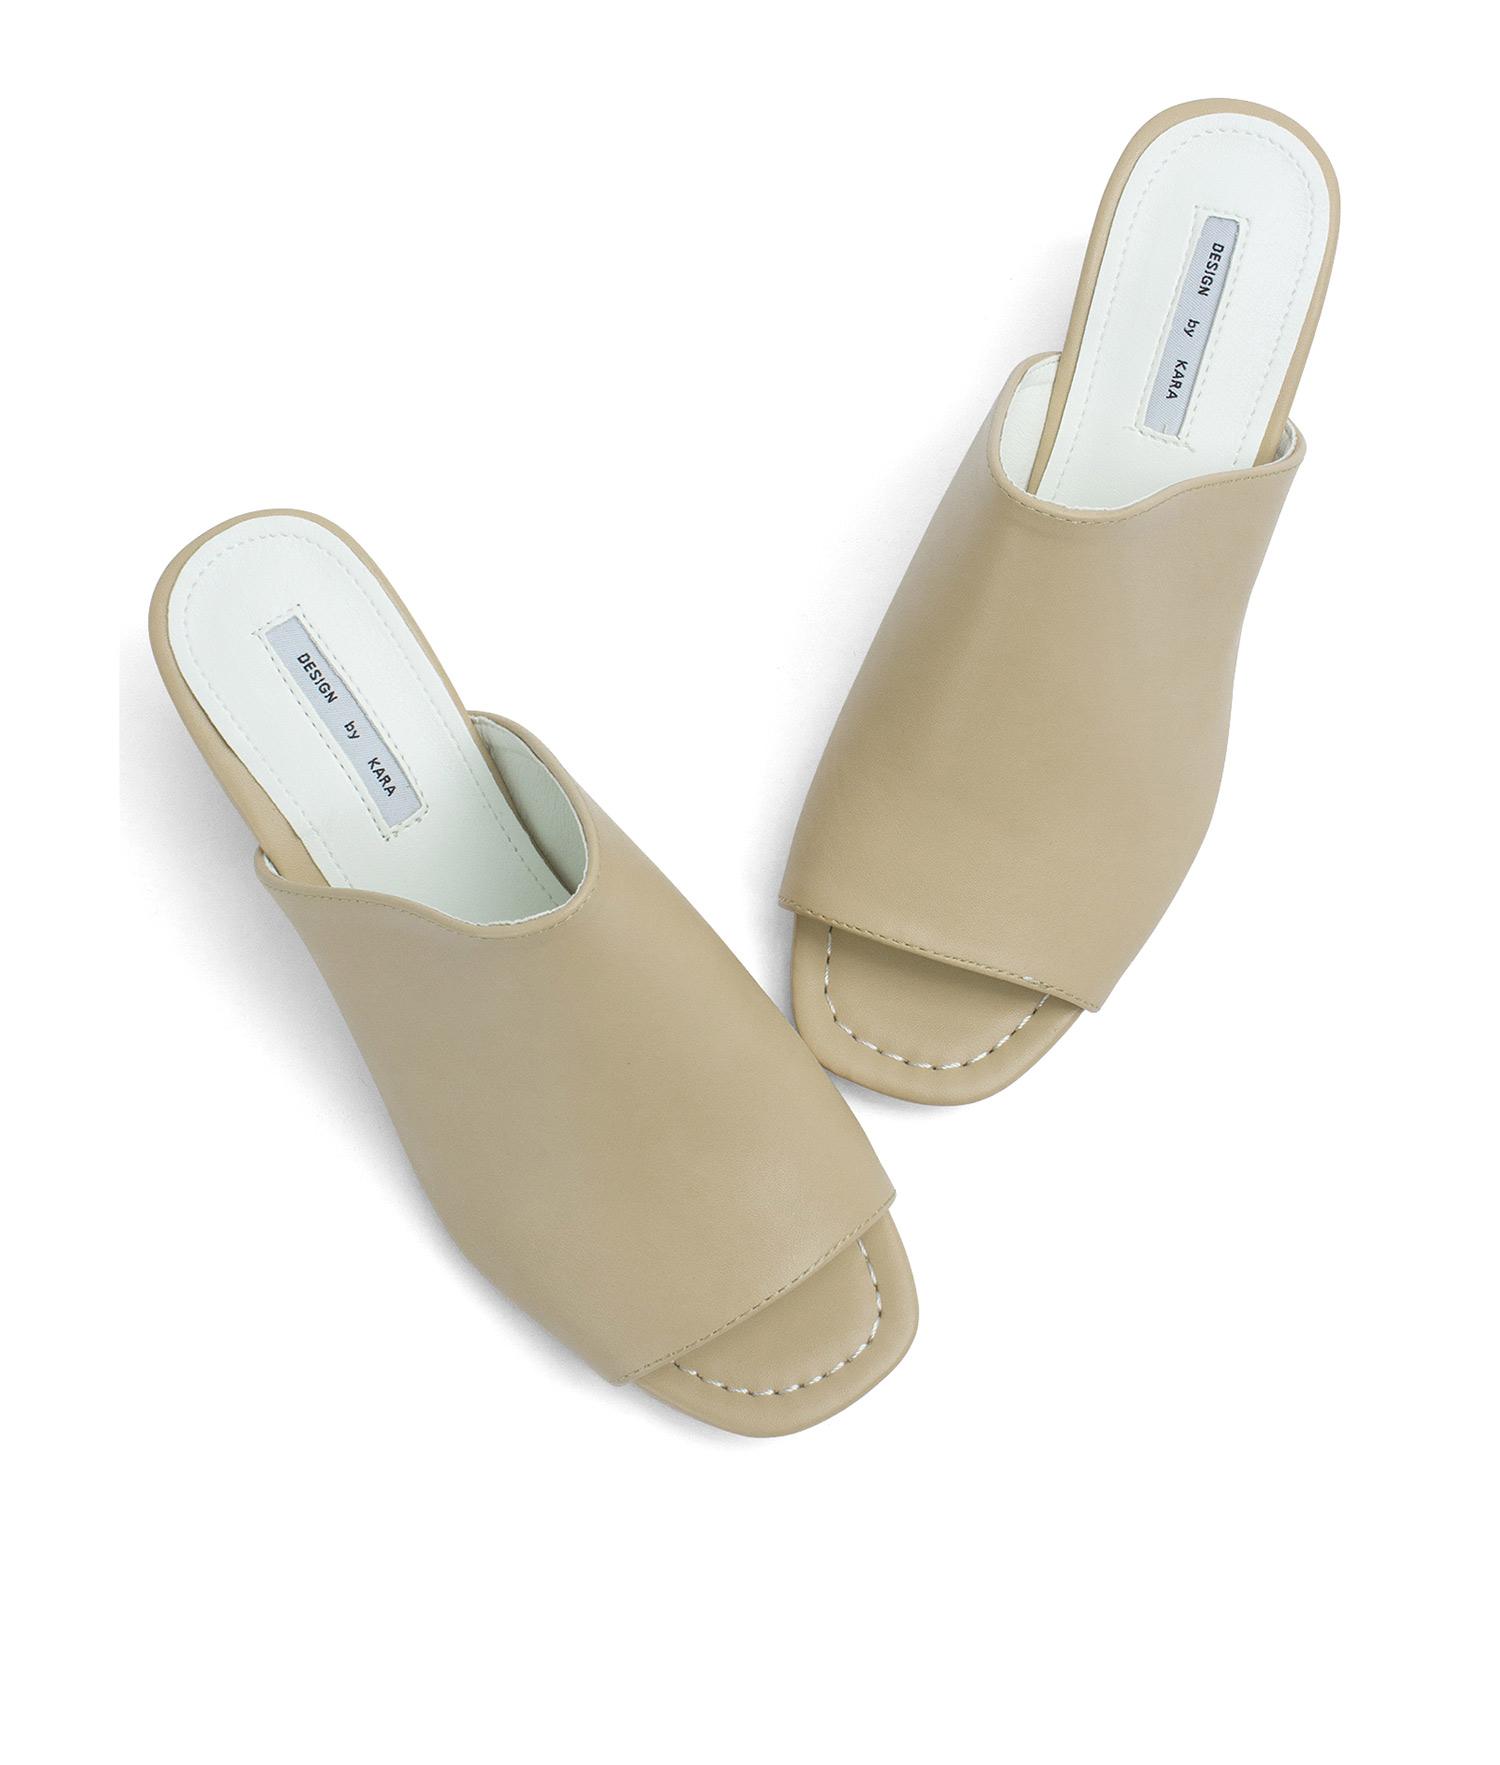 428a6fec90e AnnaKastle Womens Faux Leather Open Toe Mule Heels Beige